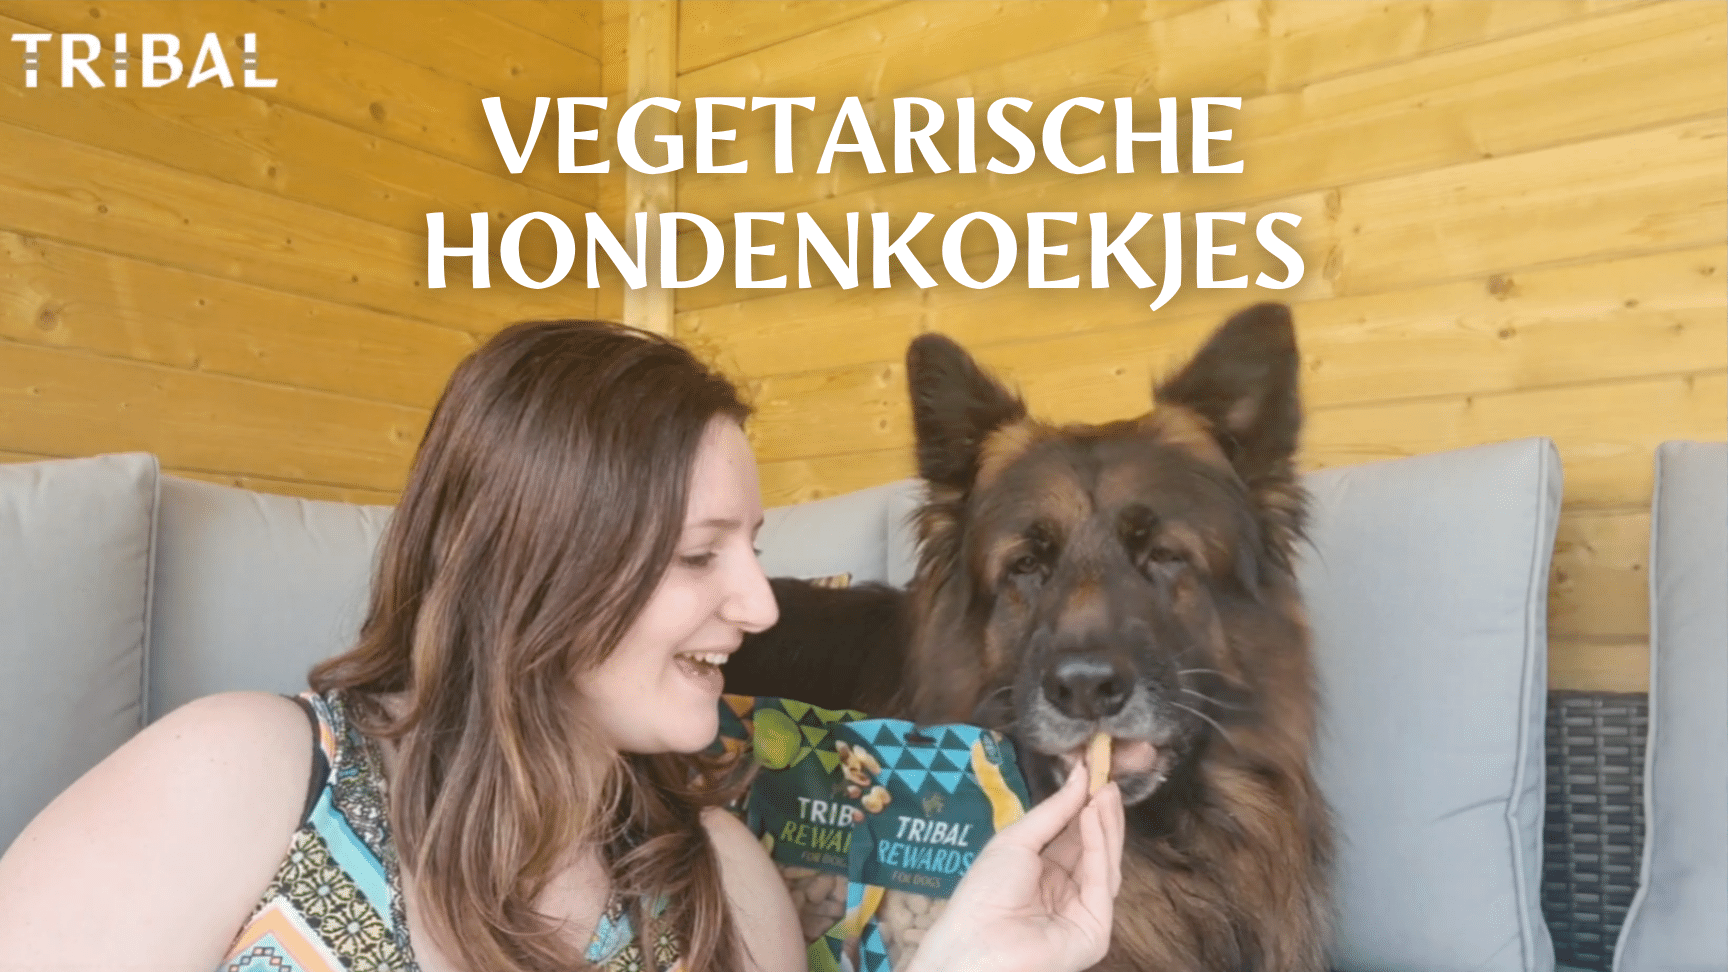 Vegetarische hondenkoekjes Tribal Rewards